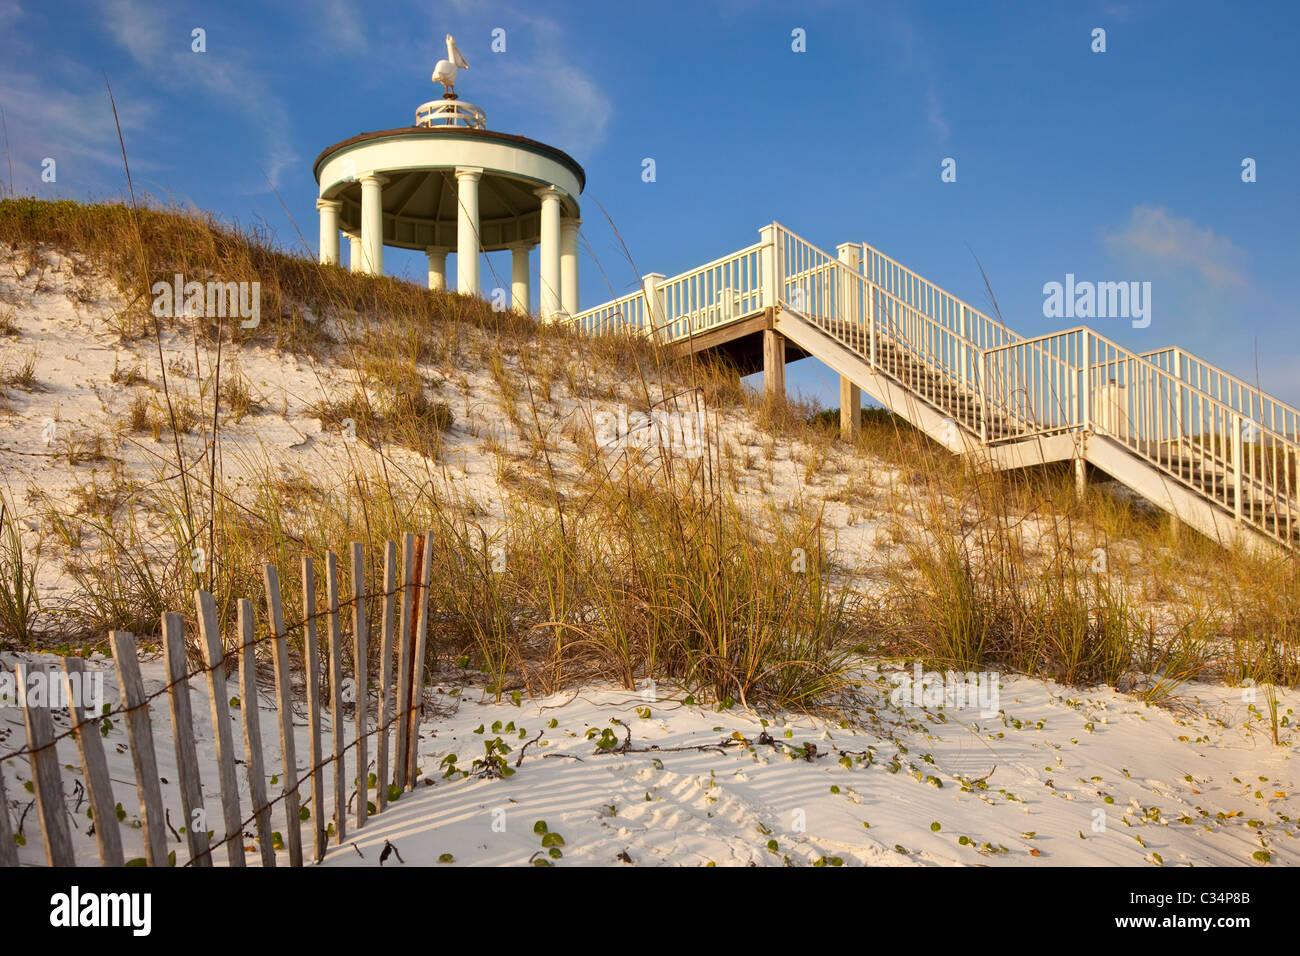 Escaliers et promenade sur la plage de dunes menant au bord de mer en Floride USA Photo Stock